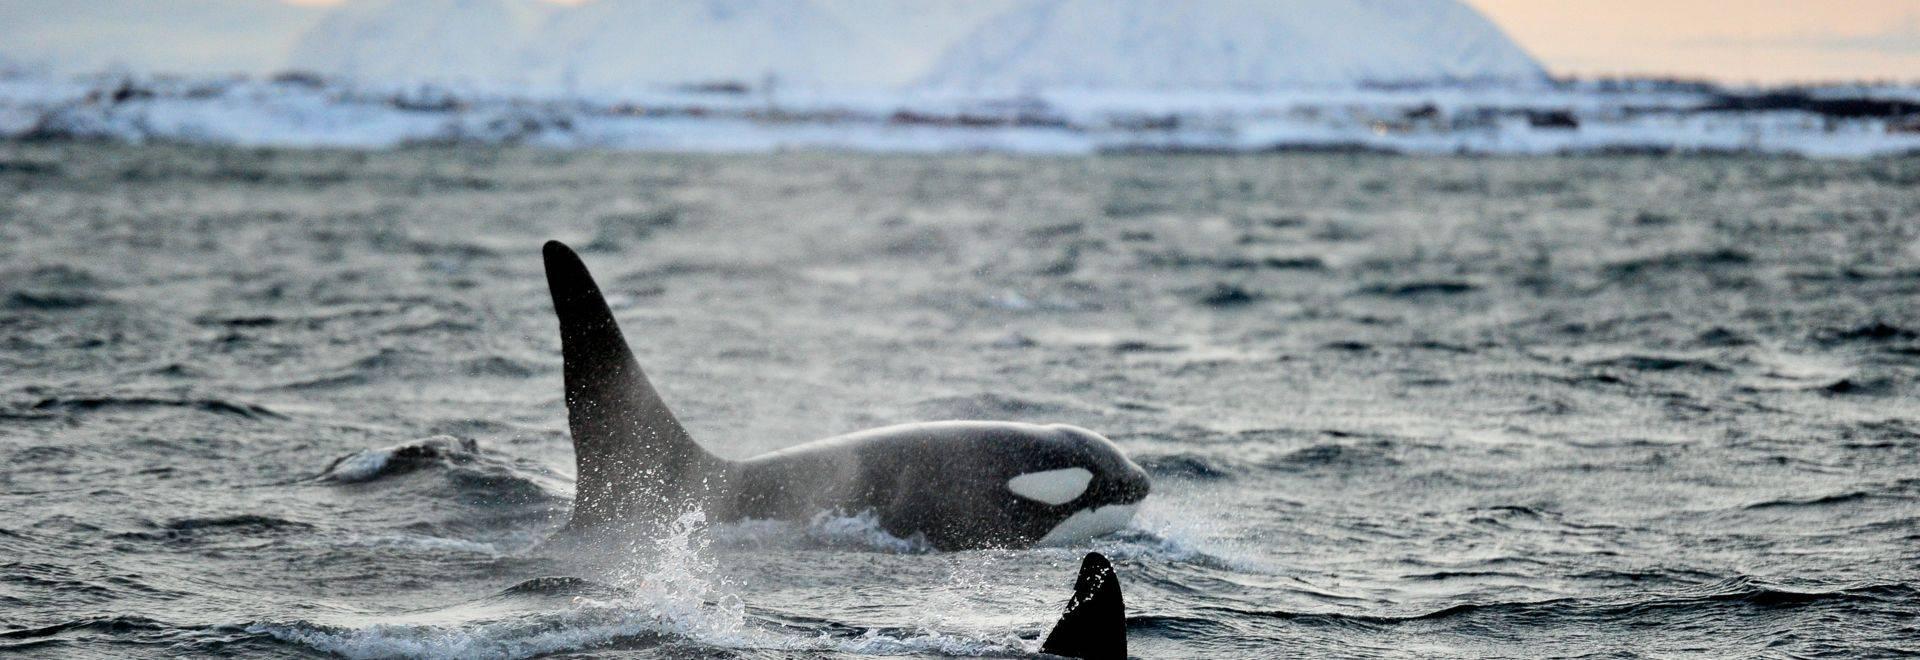 Orca, Norway Shutterstock 587367881